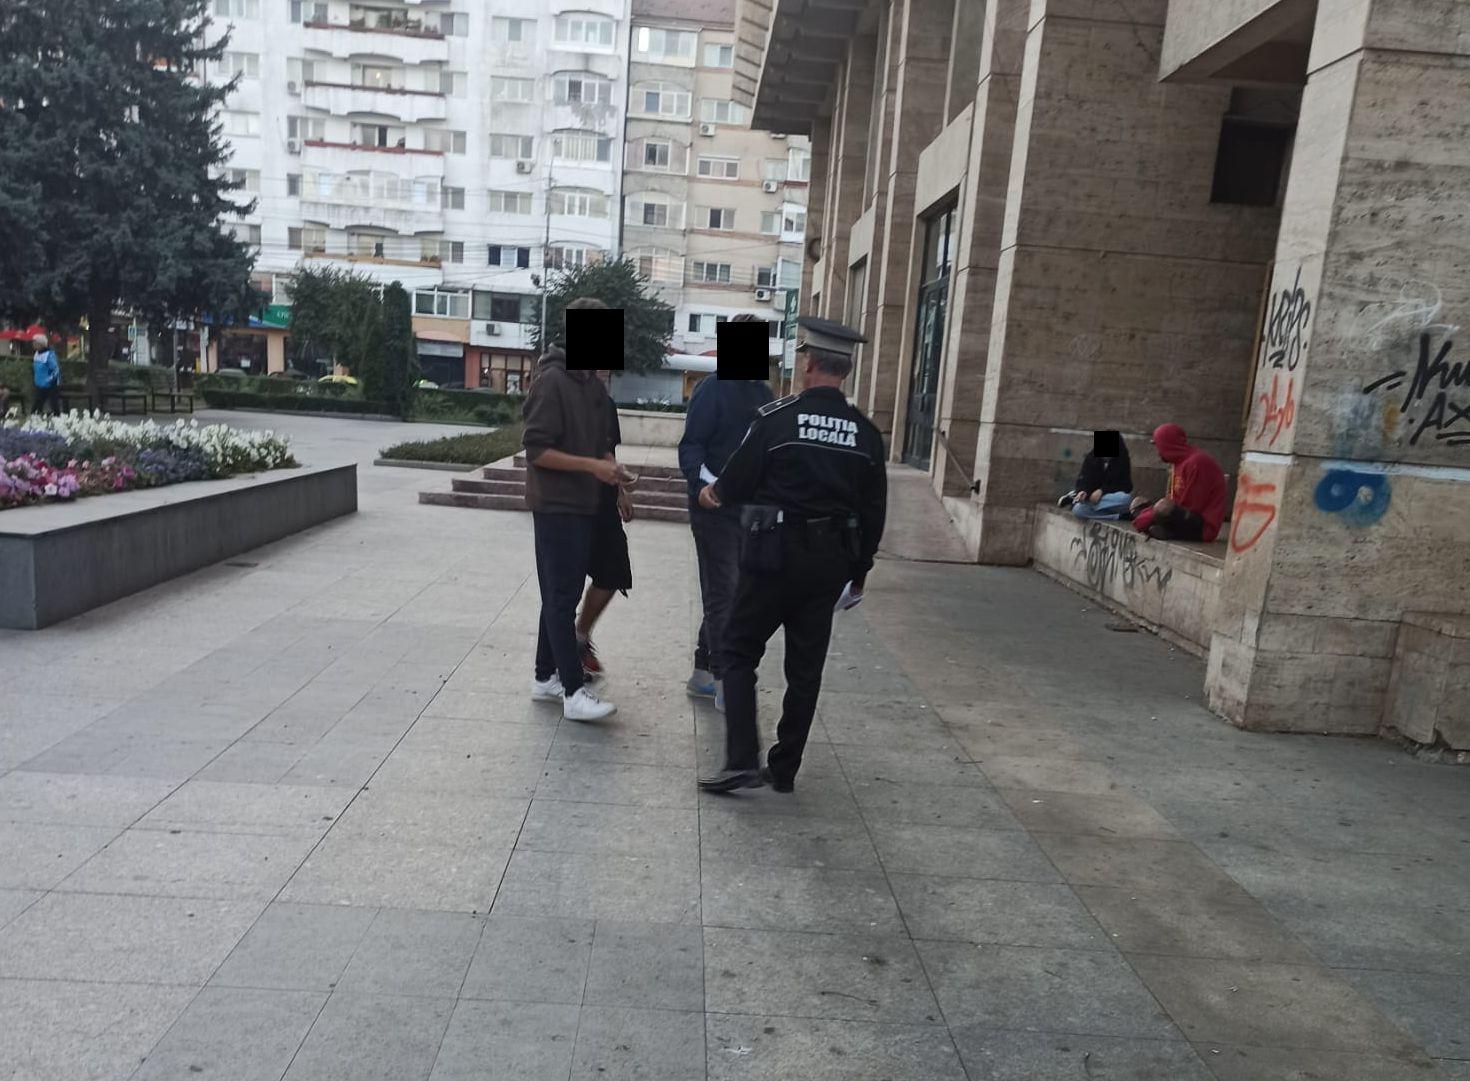 Tânăr de 19 ani, prins de poliţiştii locali cu un briceag şi cu spray lacrimogen asupra sa, într-un parc din Târgovişte